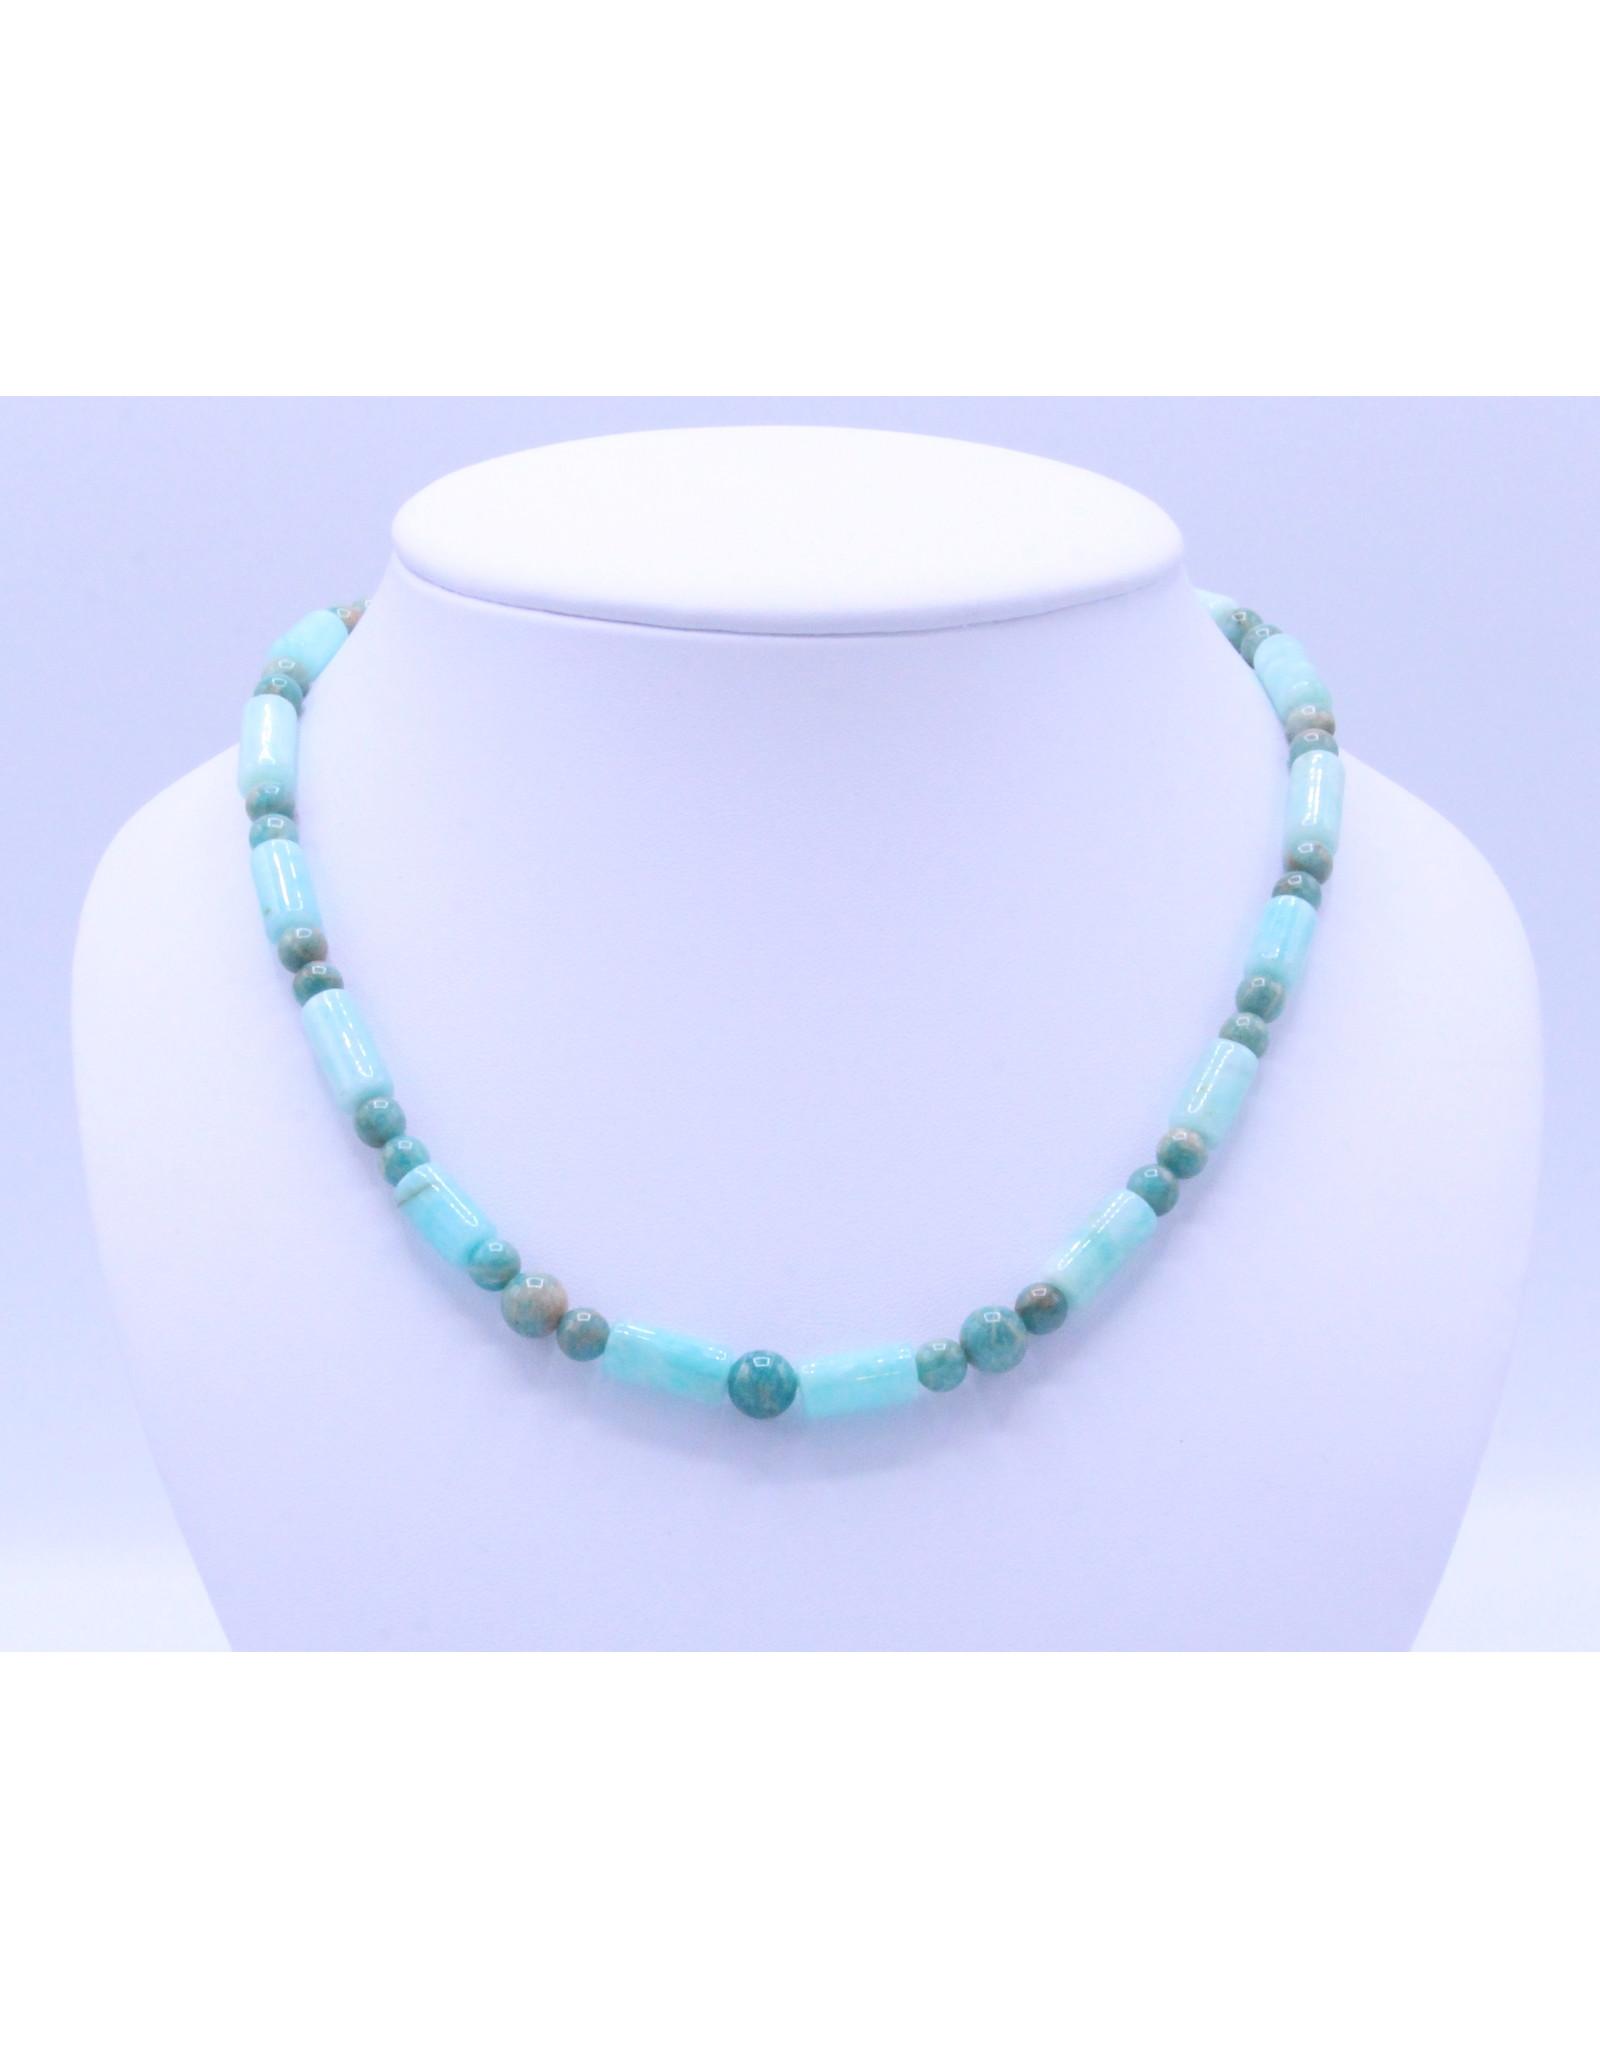 Amazonite Necklace - NA12